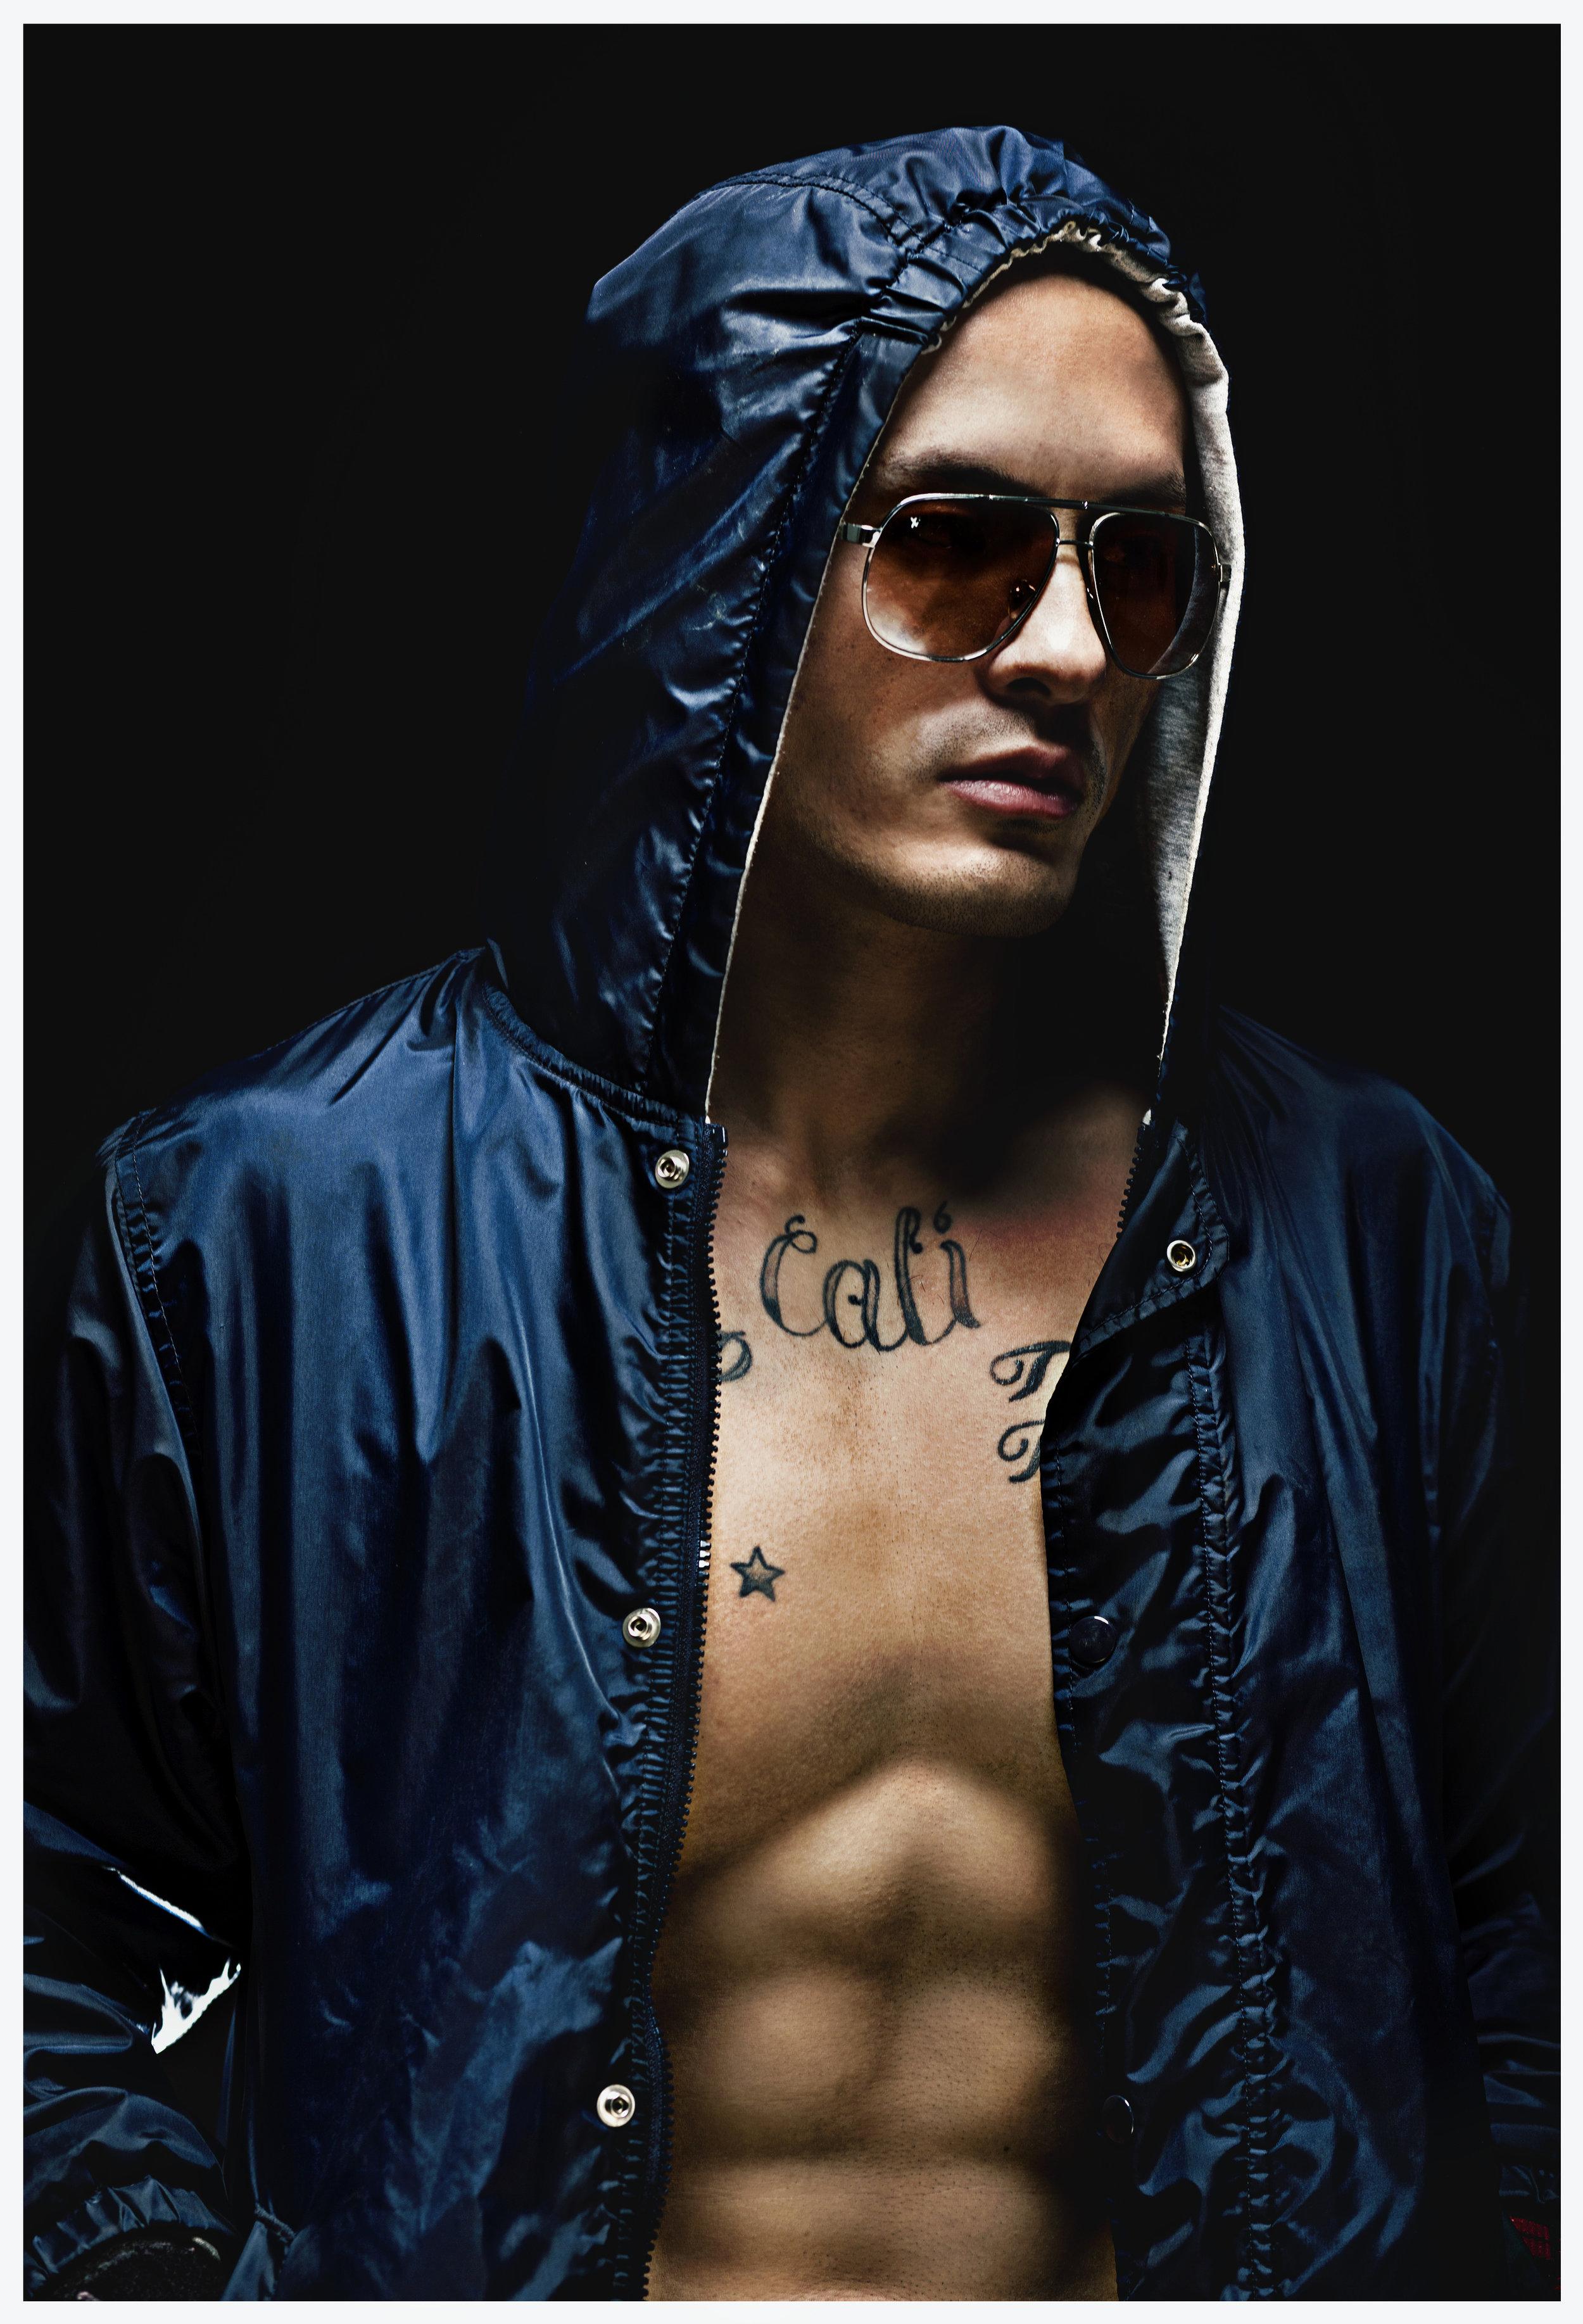 Mike_Tsering_Hooodie_Fashion_Portrait_01_BLog.jpg